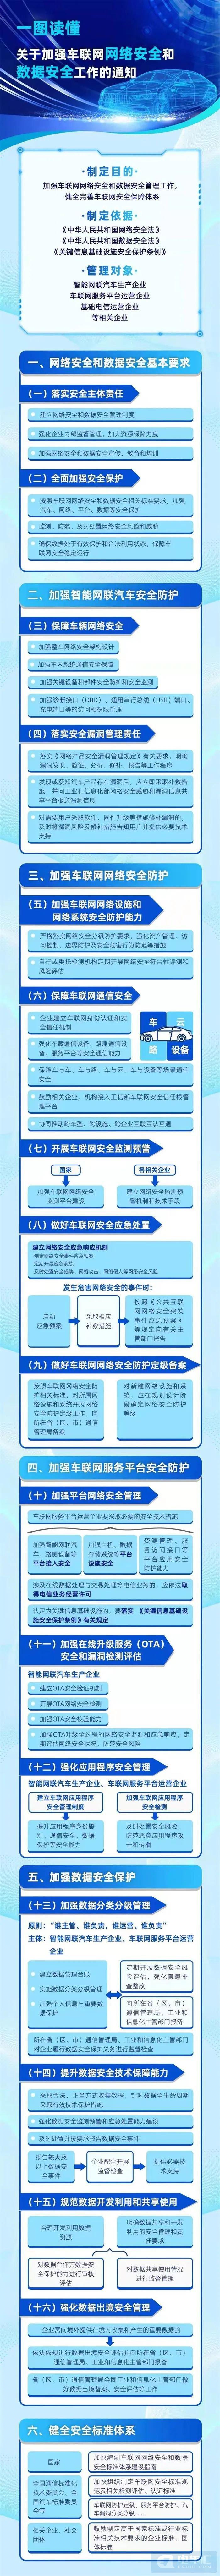 工信部:部署加强车联网网络安全和数据安全工作